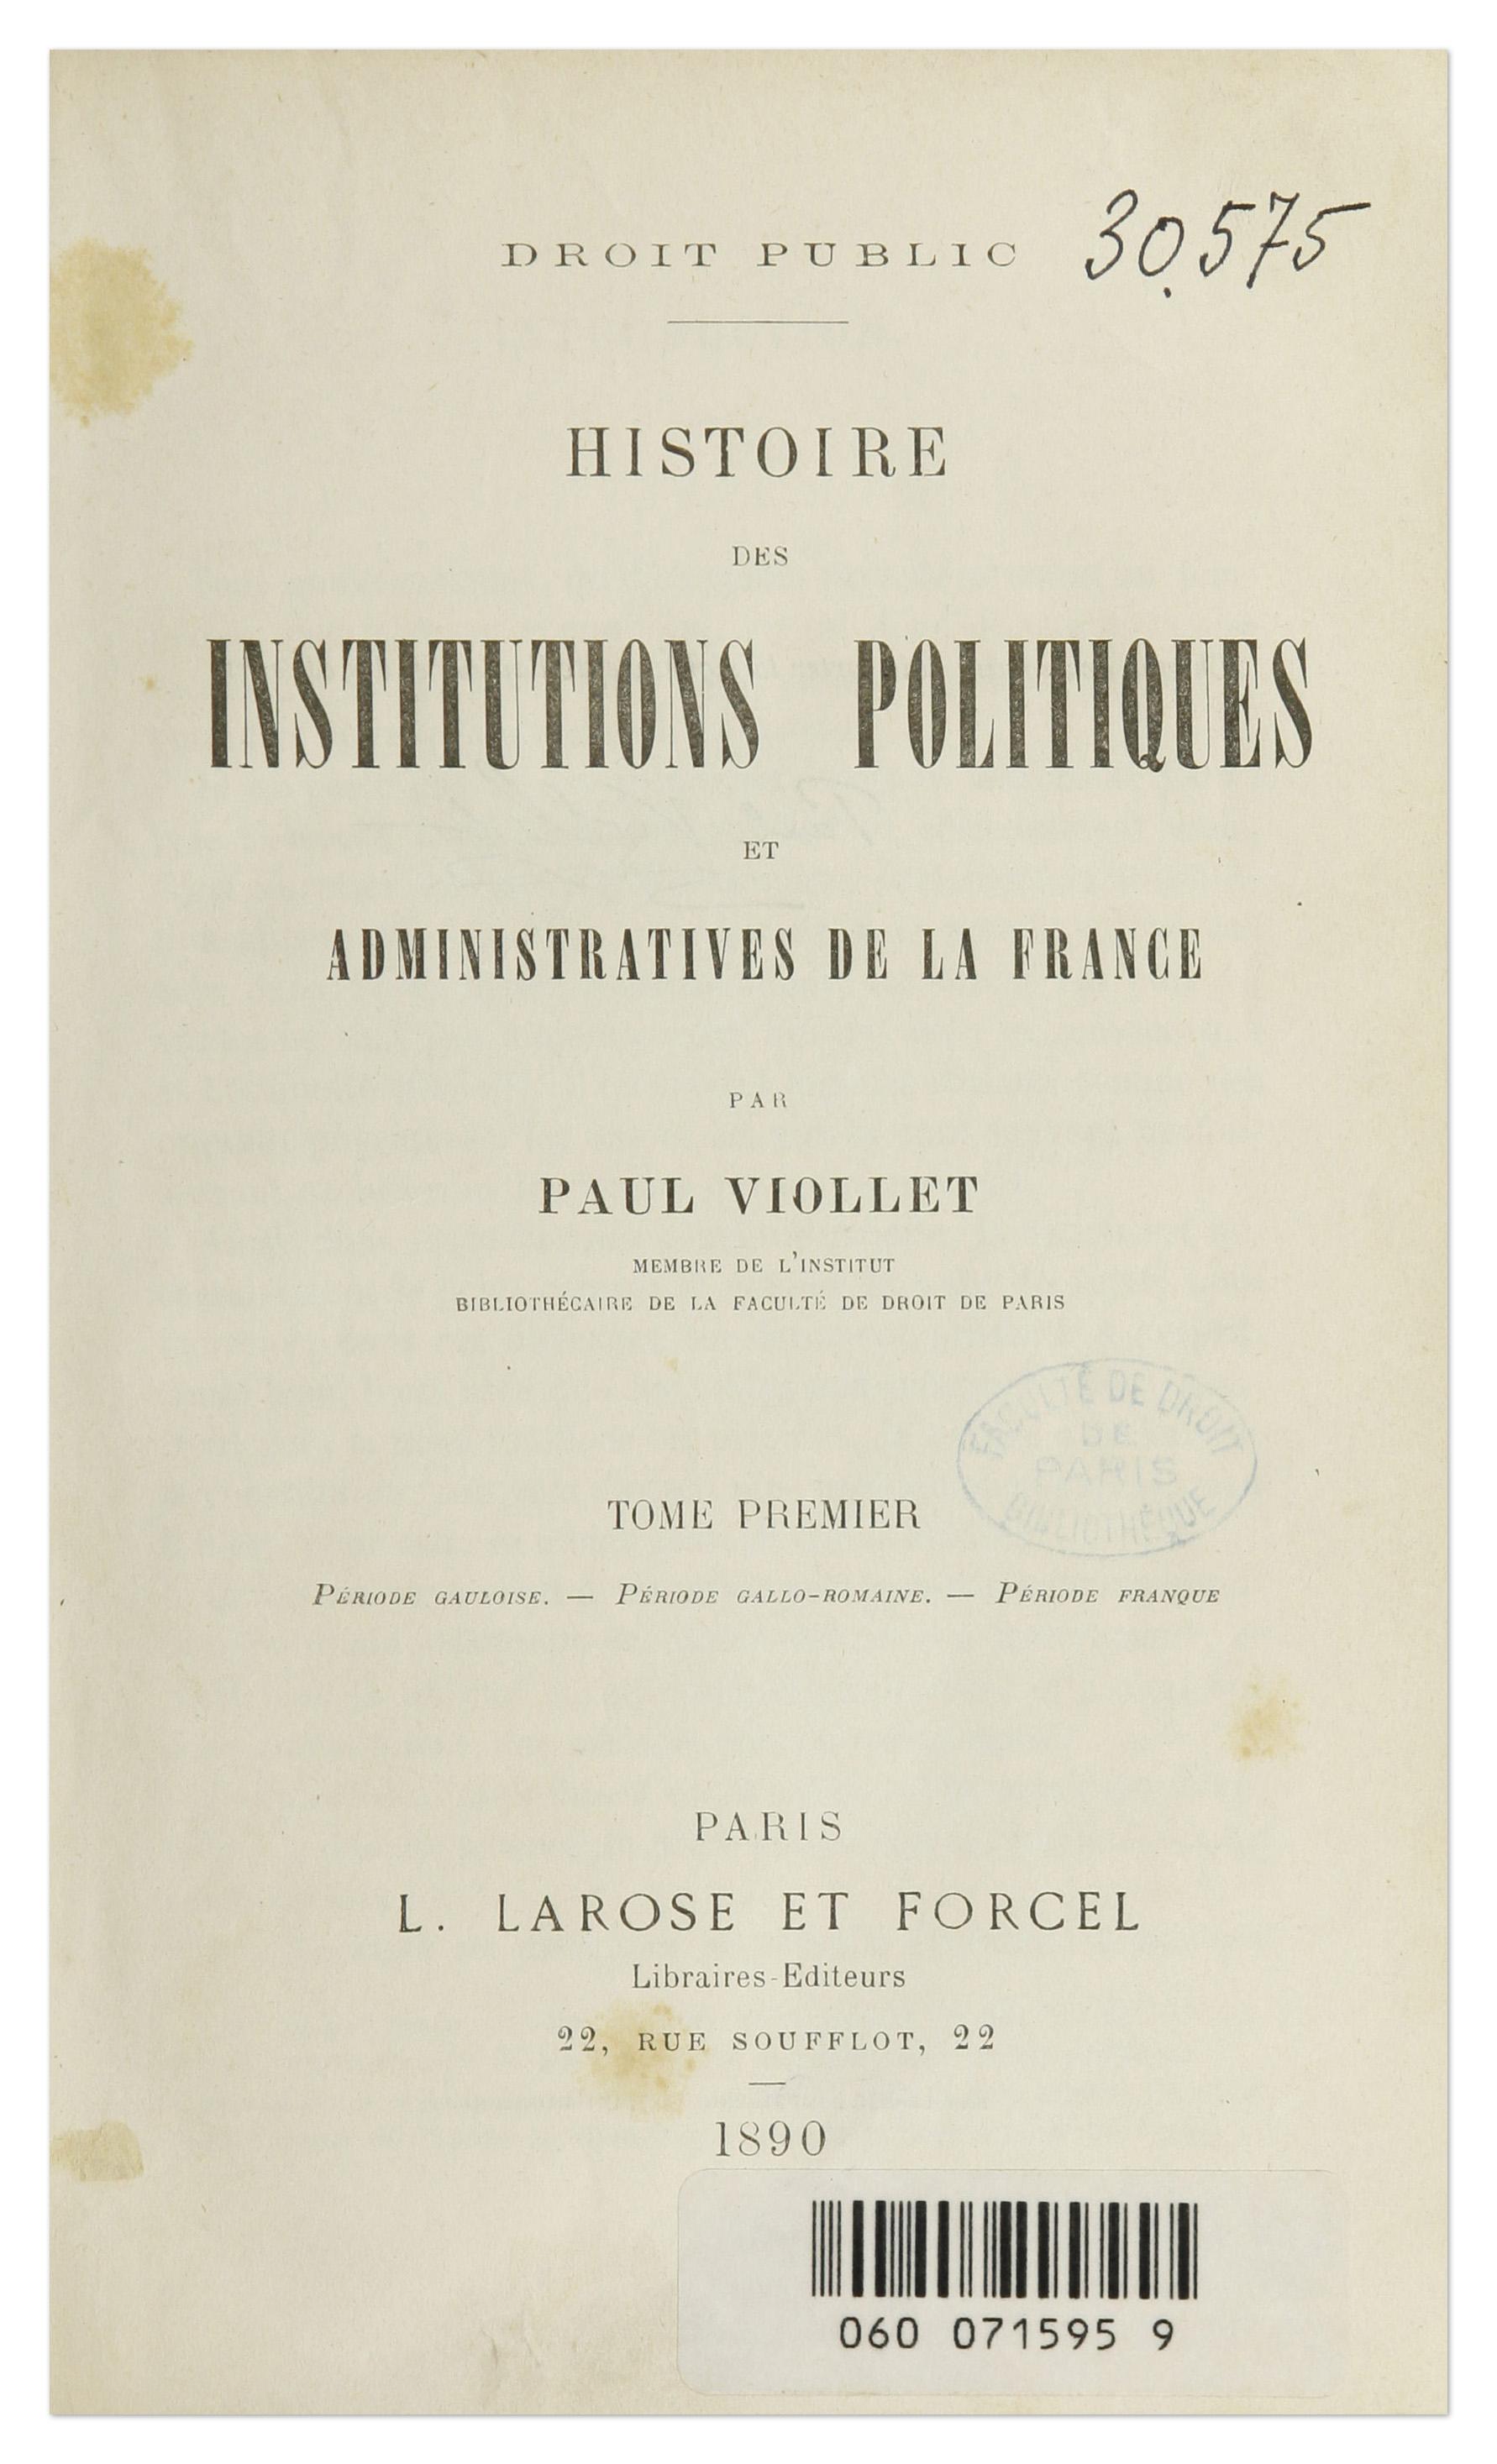 Page de titre de l'<em>Histoire des institutions politiques et administratives de la France</em> de Paul Viollet